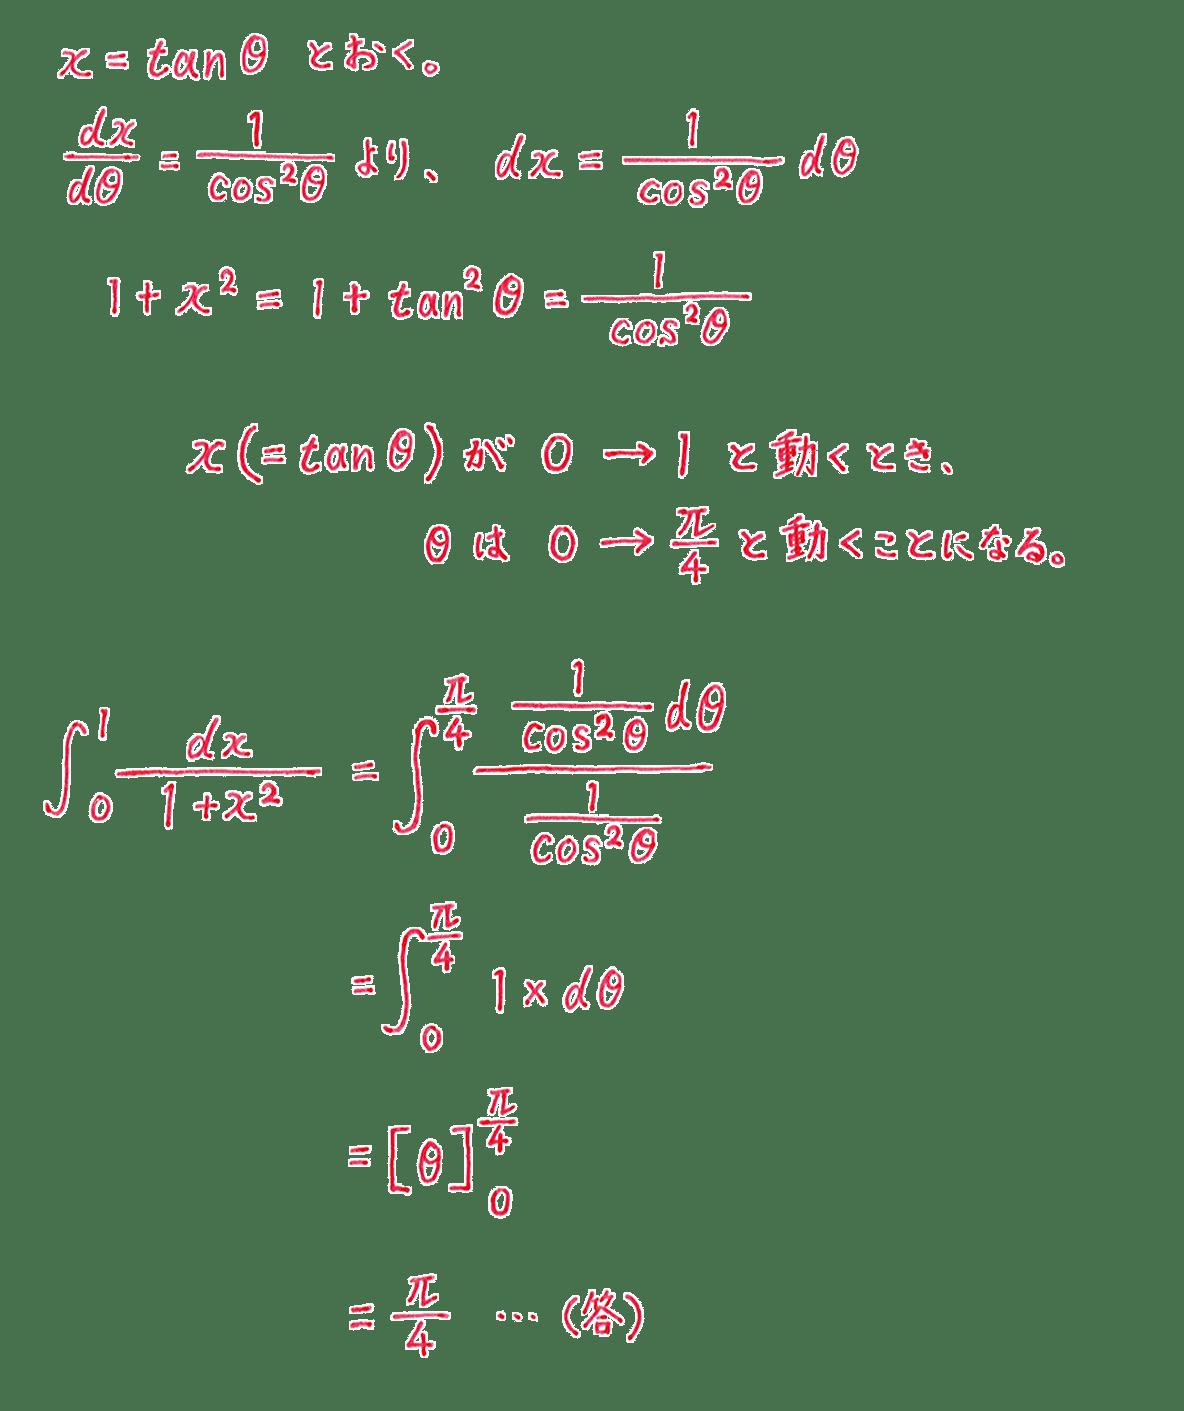 積分法とその応用30 問題 答え